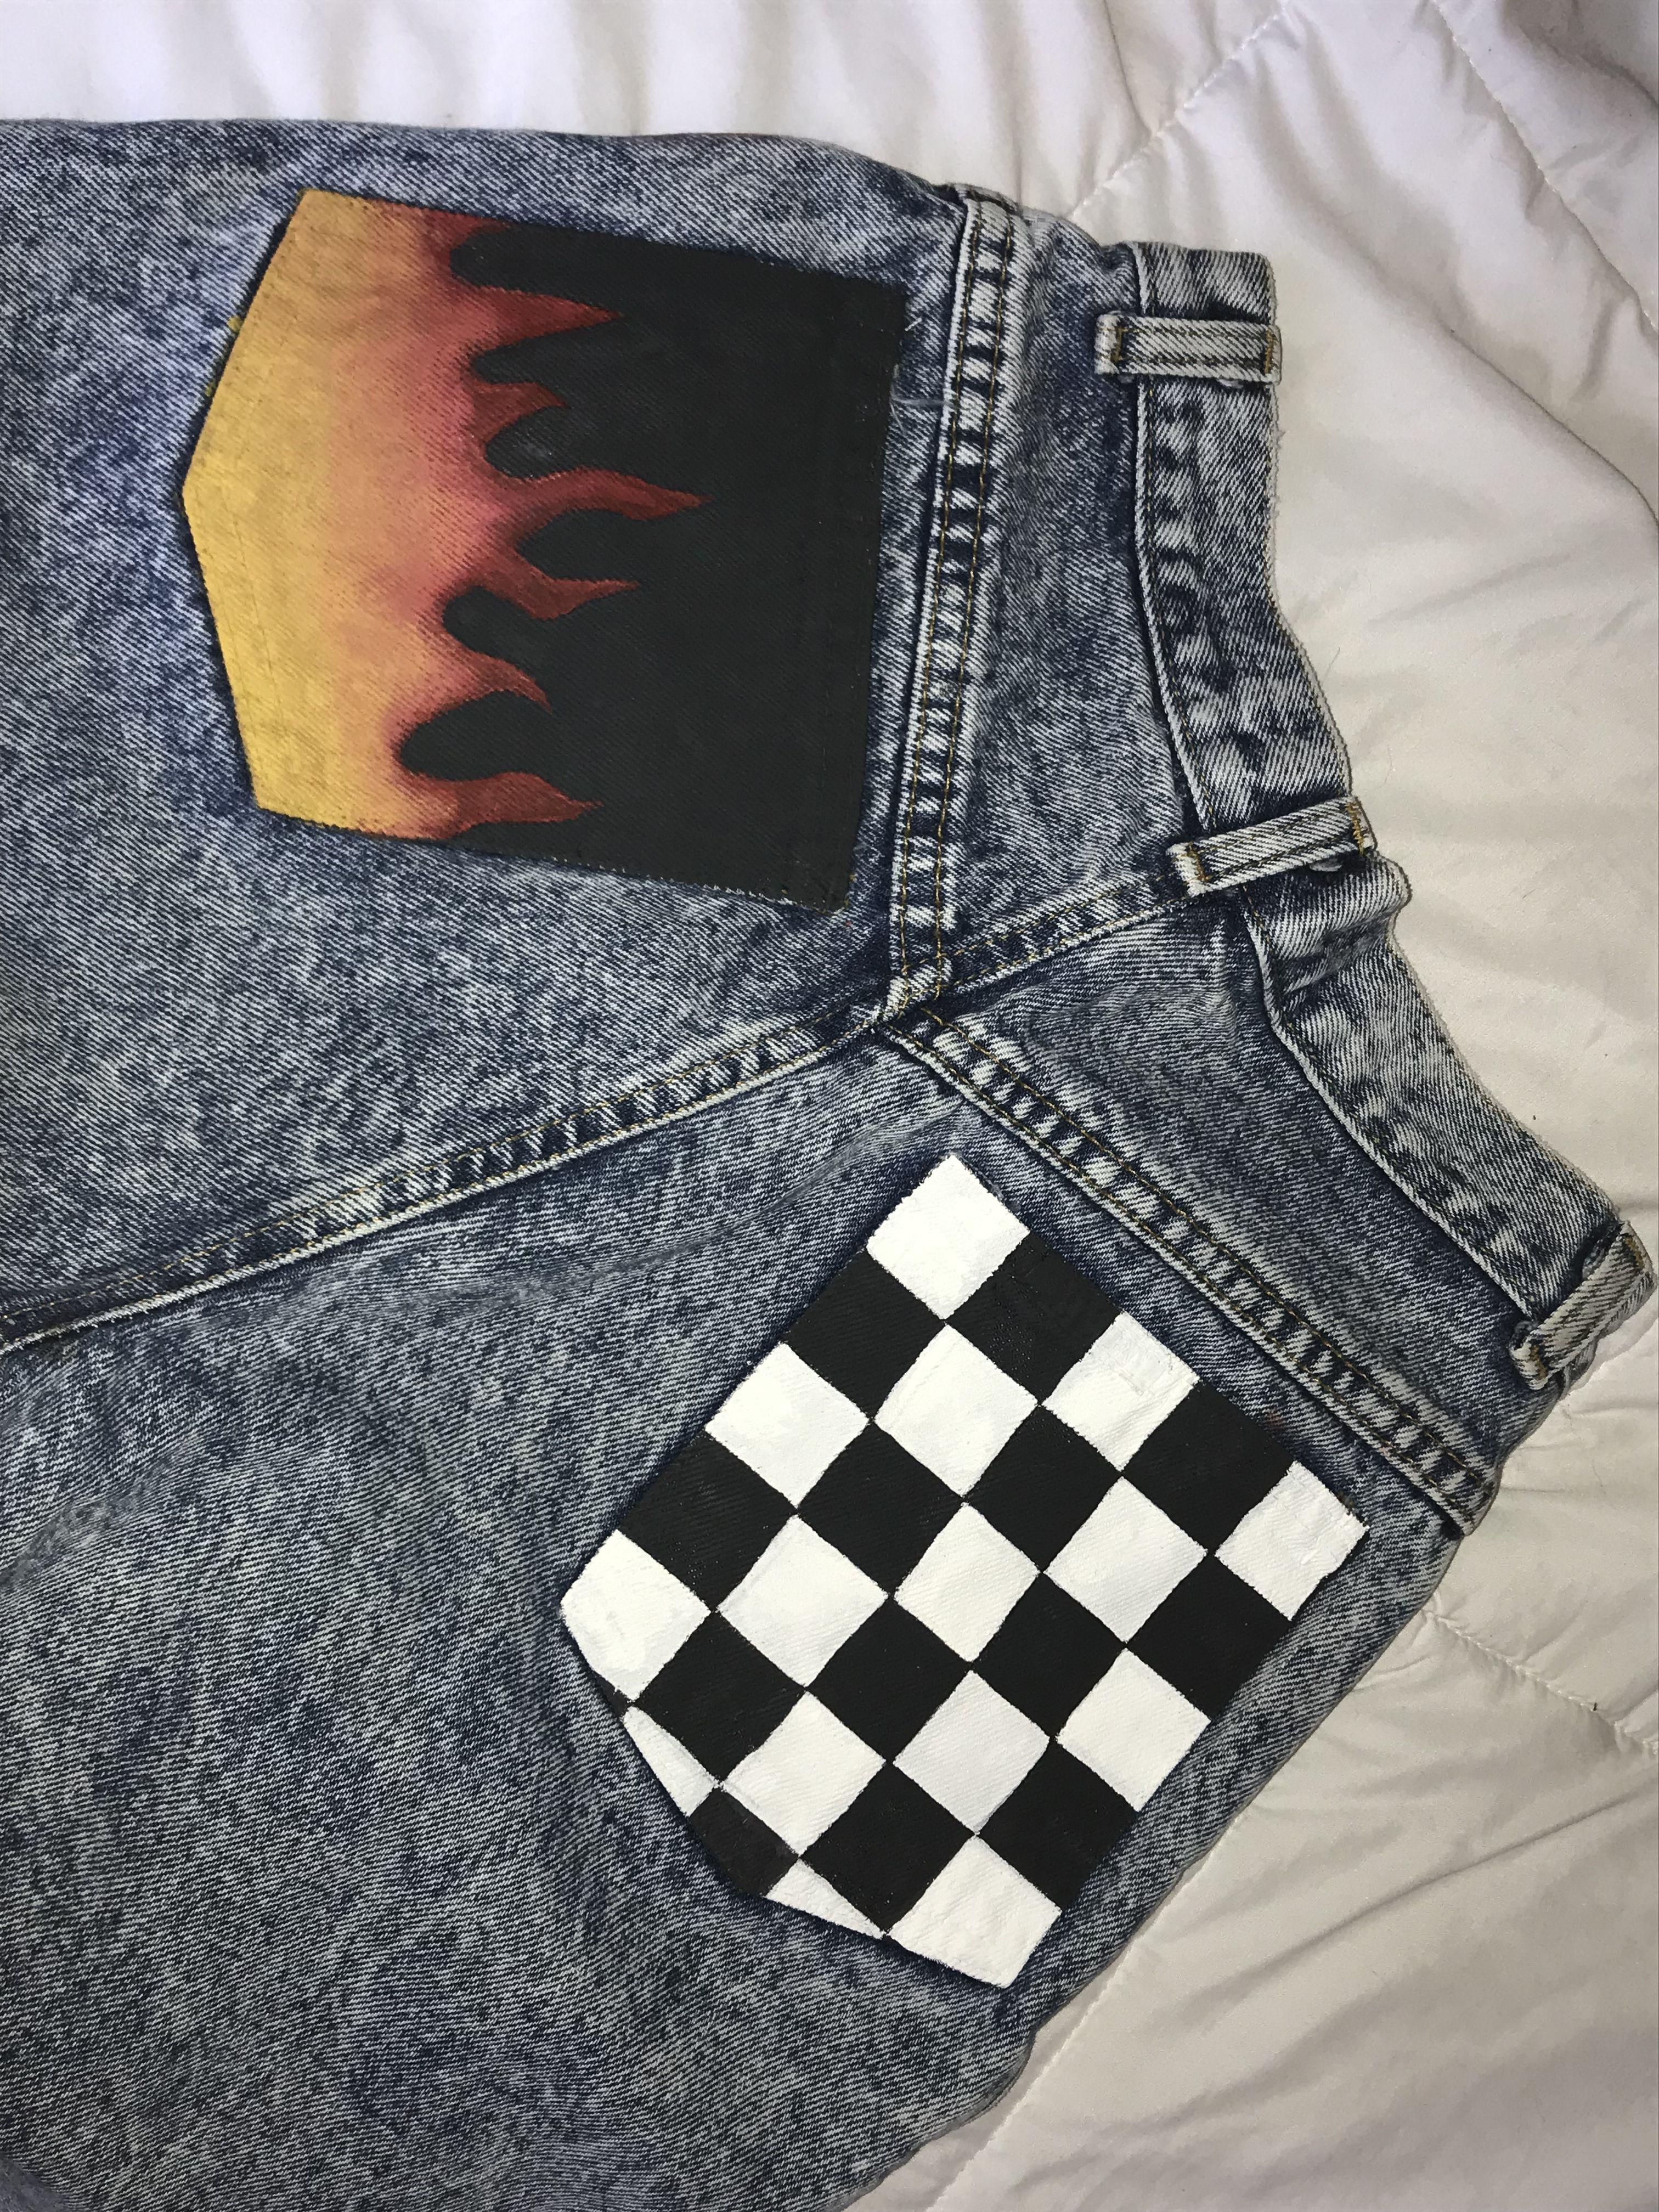 Jeans Flames Checkered Customisacao De Roupas Roupas Pintadas Roupas Artesanato